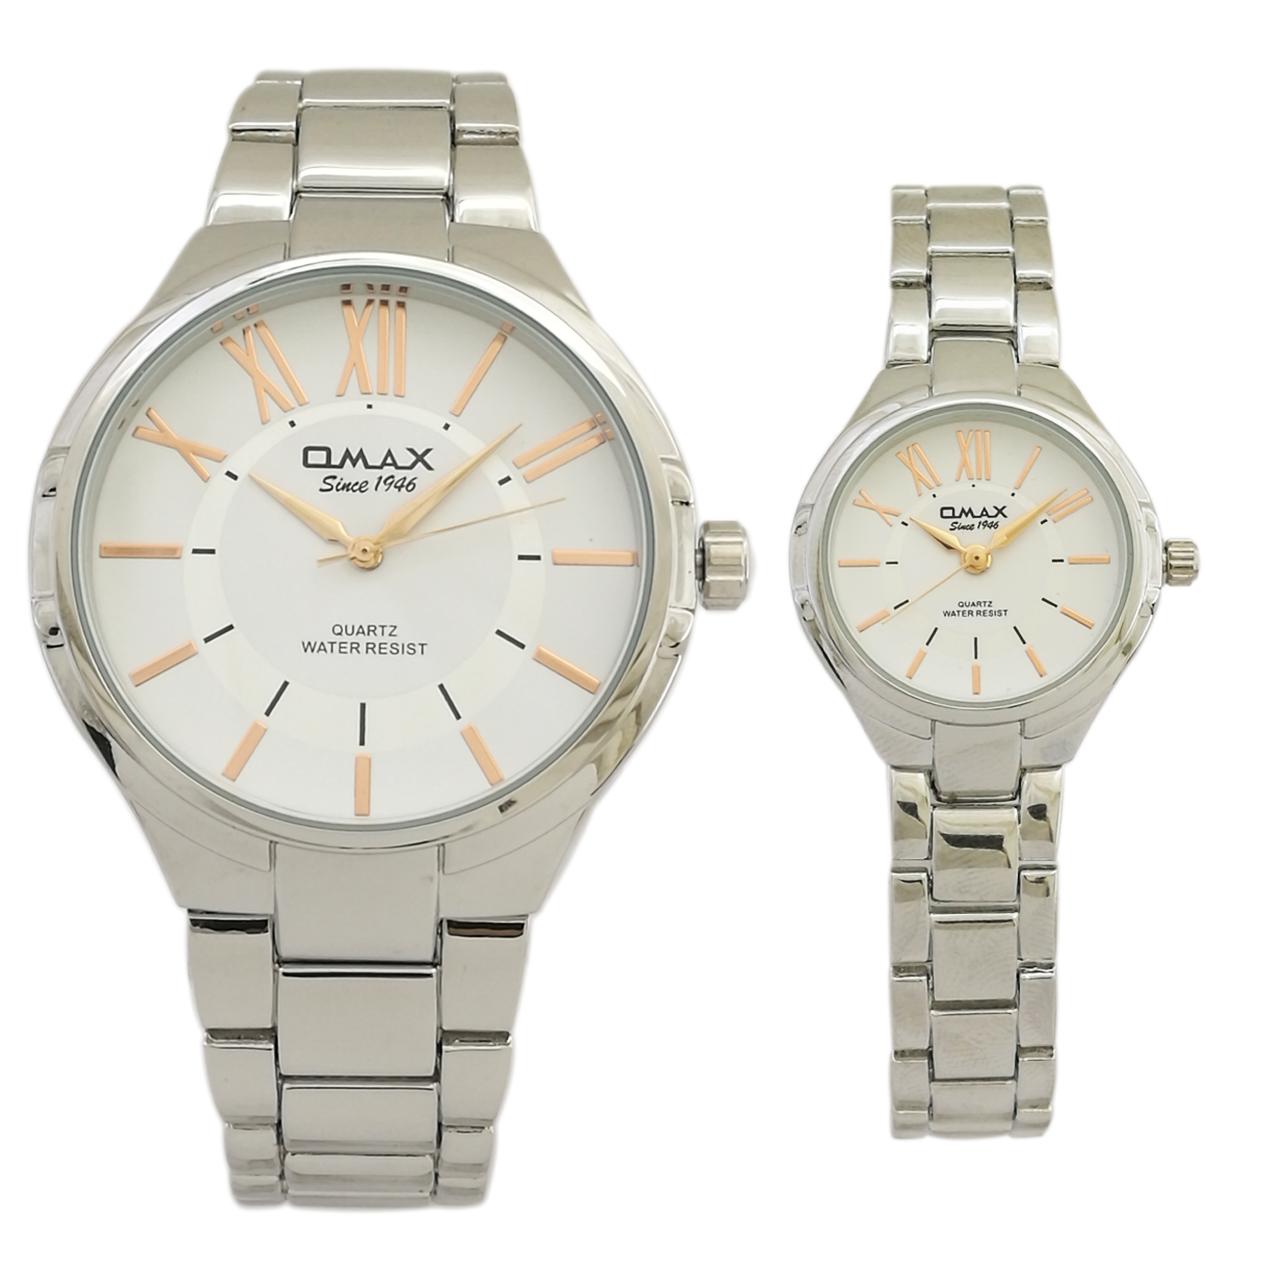 ست ساعت مچی عقربه ای اوماکس مدل hsj863 به همراه دستمال مخصوص برند کلین واچ